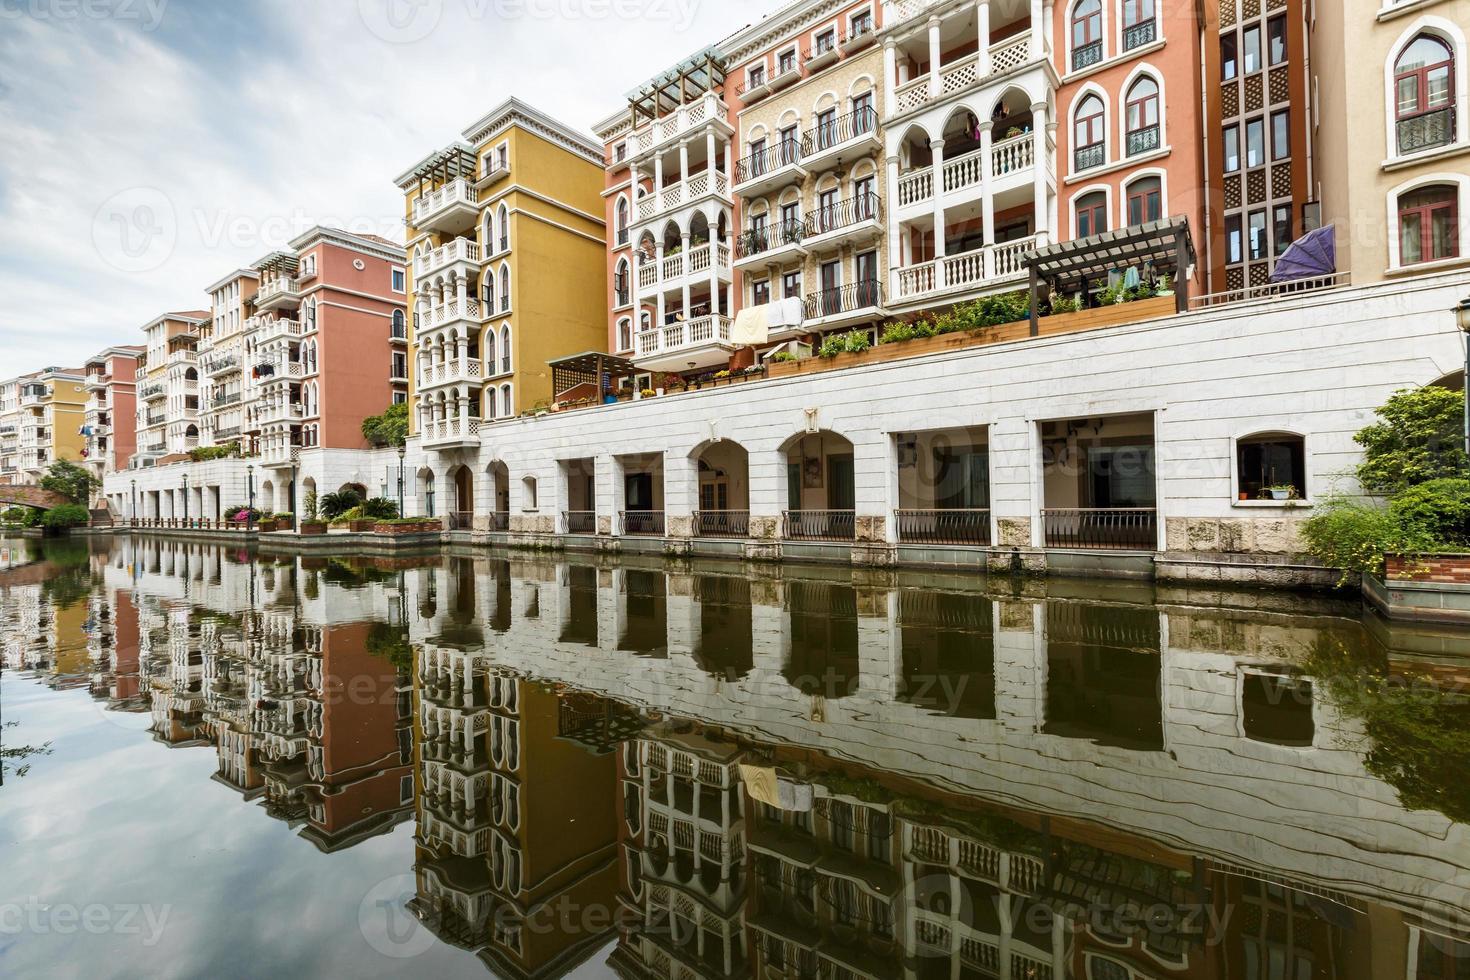 vorstädtische Wohnhäuser in Hangzhou, China foto